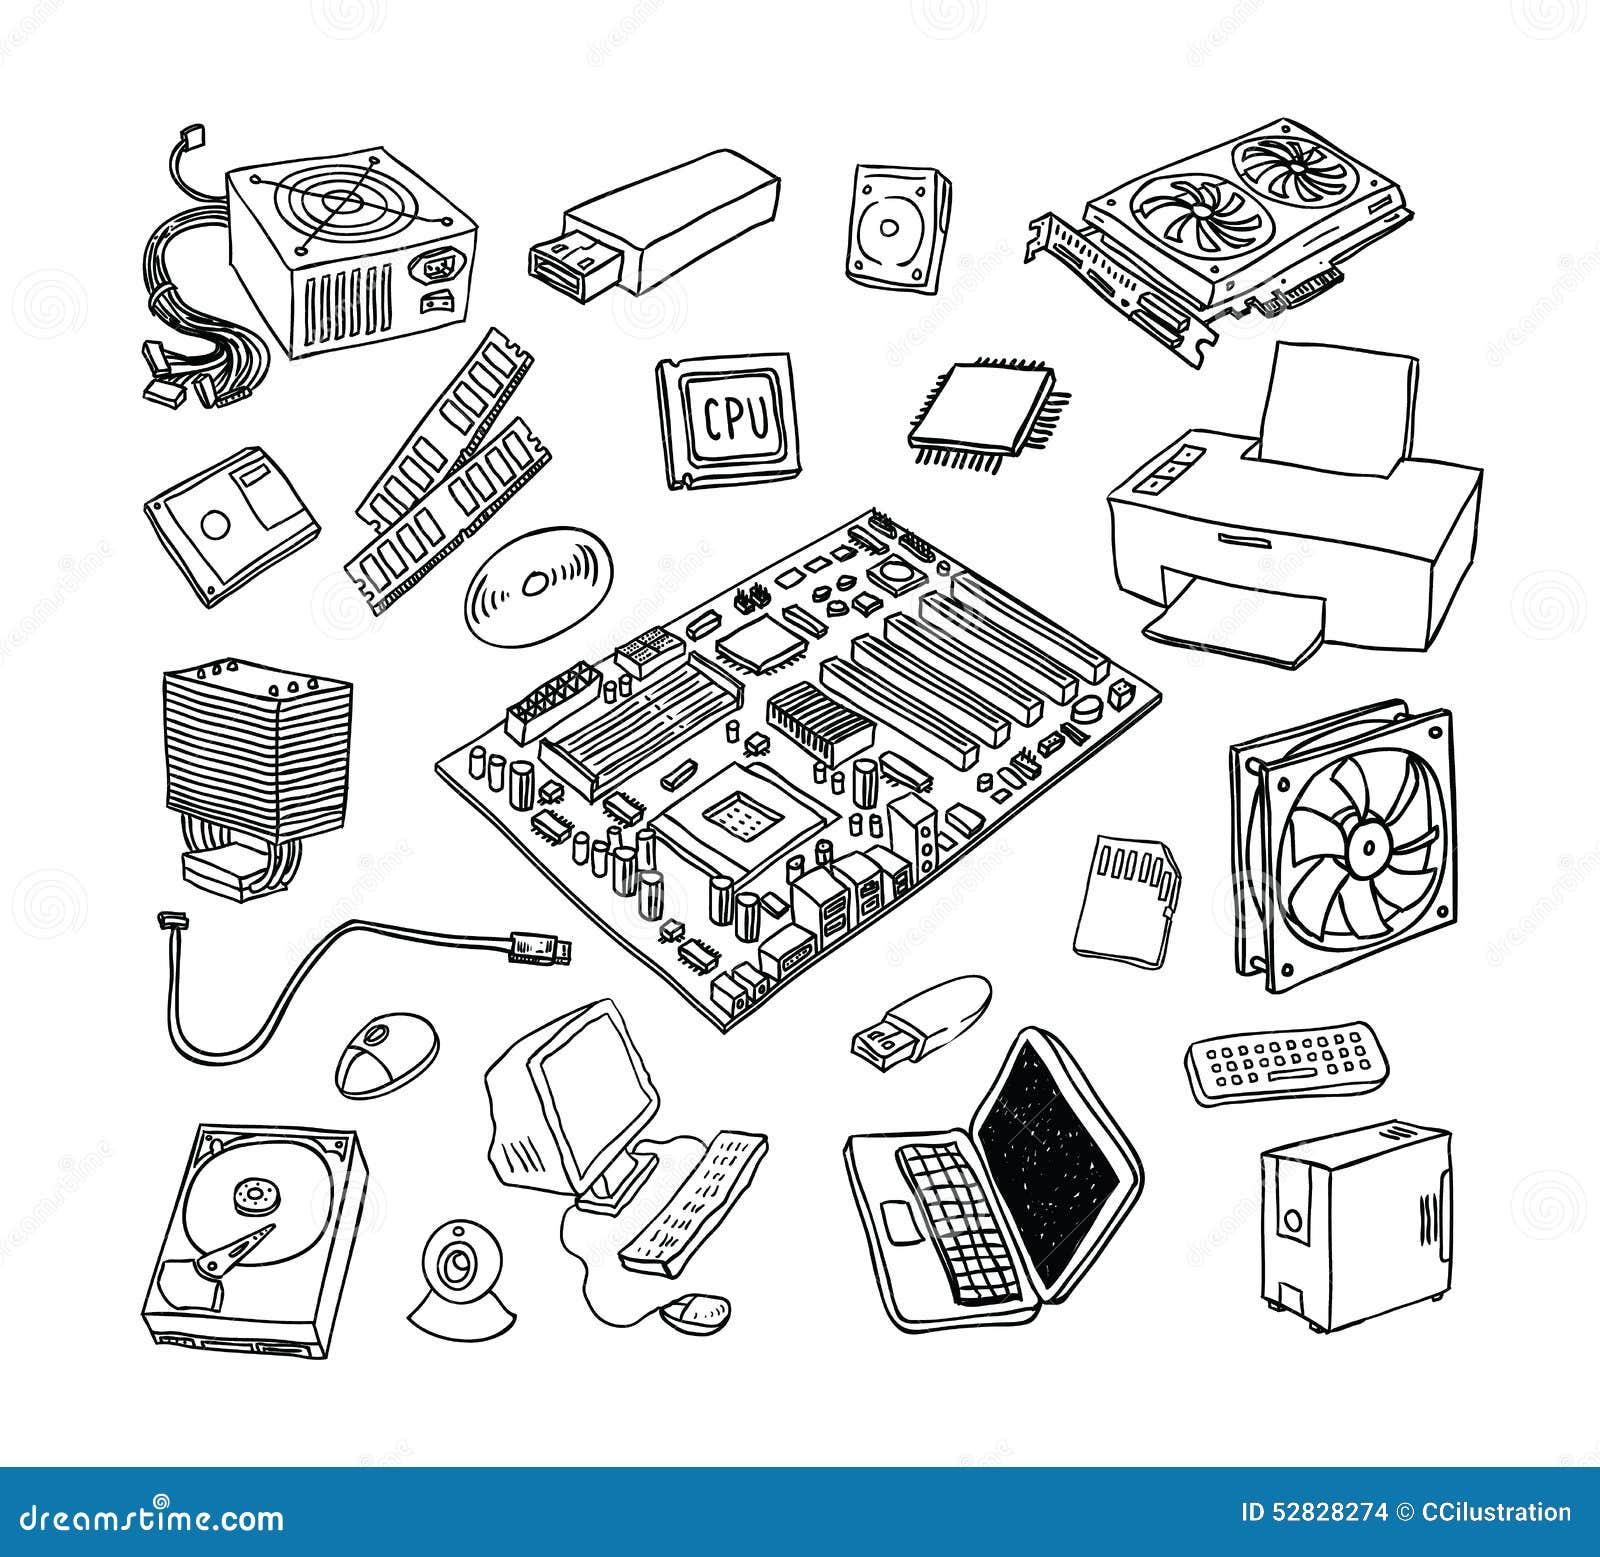 pc teile jede ikone ist eine einzelne nachricht verbundpfad vektor abbildung bild 52828274. Black Bedroom Furniture Sets. Home Design Ideas